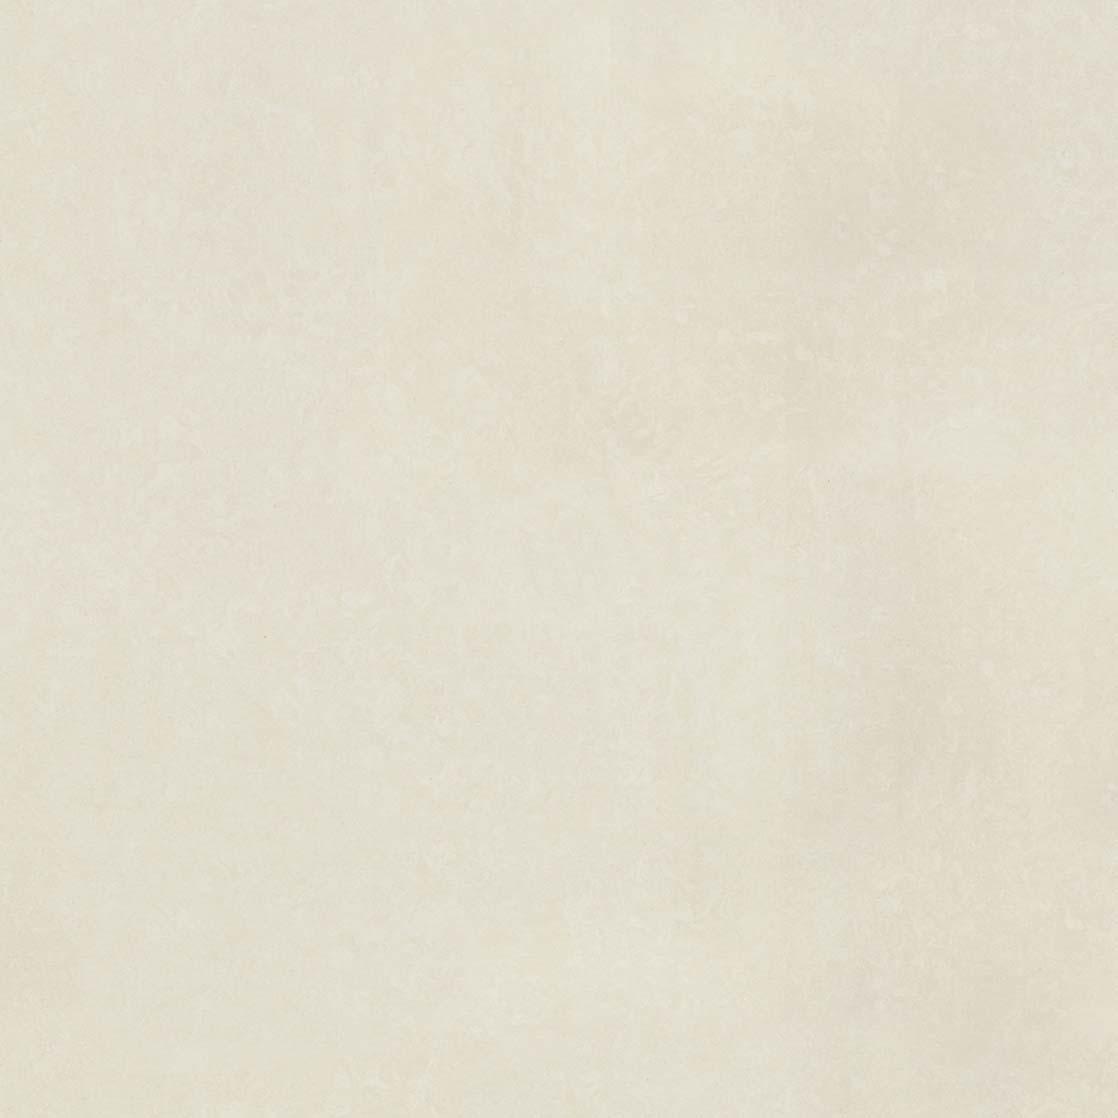 Gạch granite 600x600 Đồng Tâm 6060DB032-NANO giá rẻ